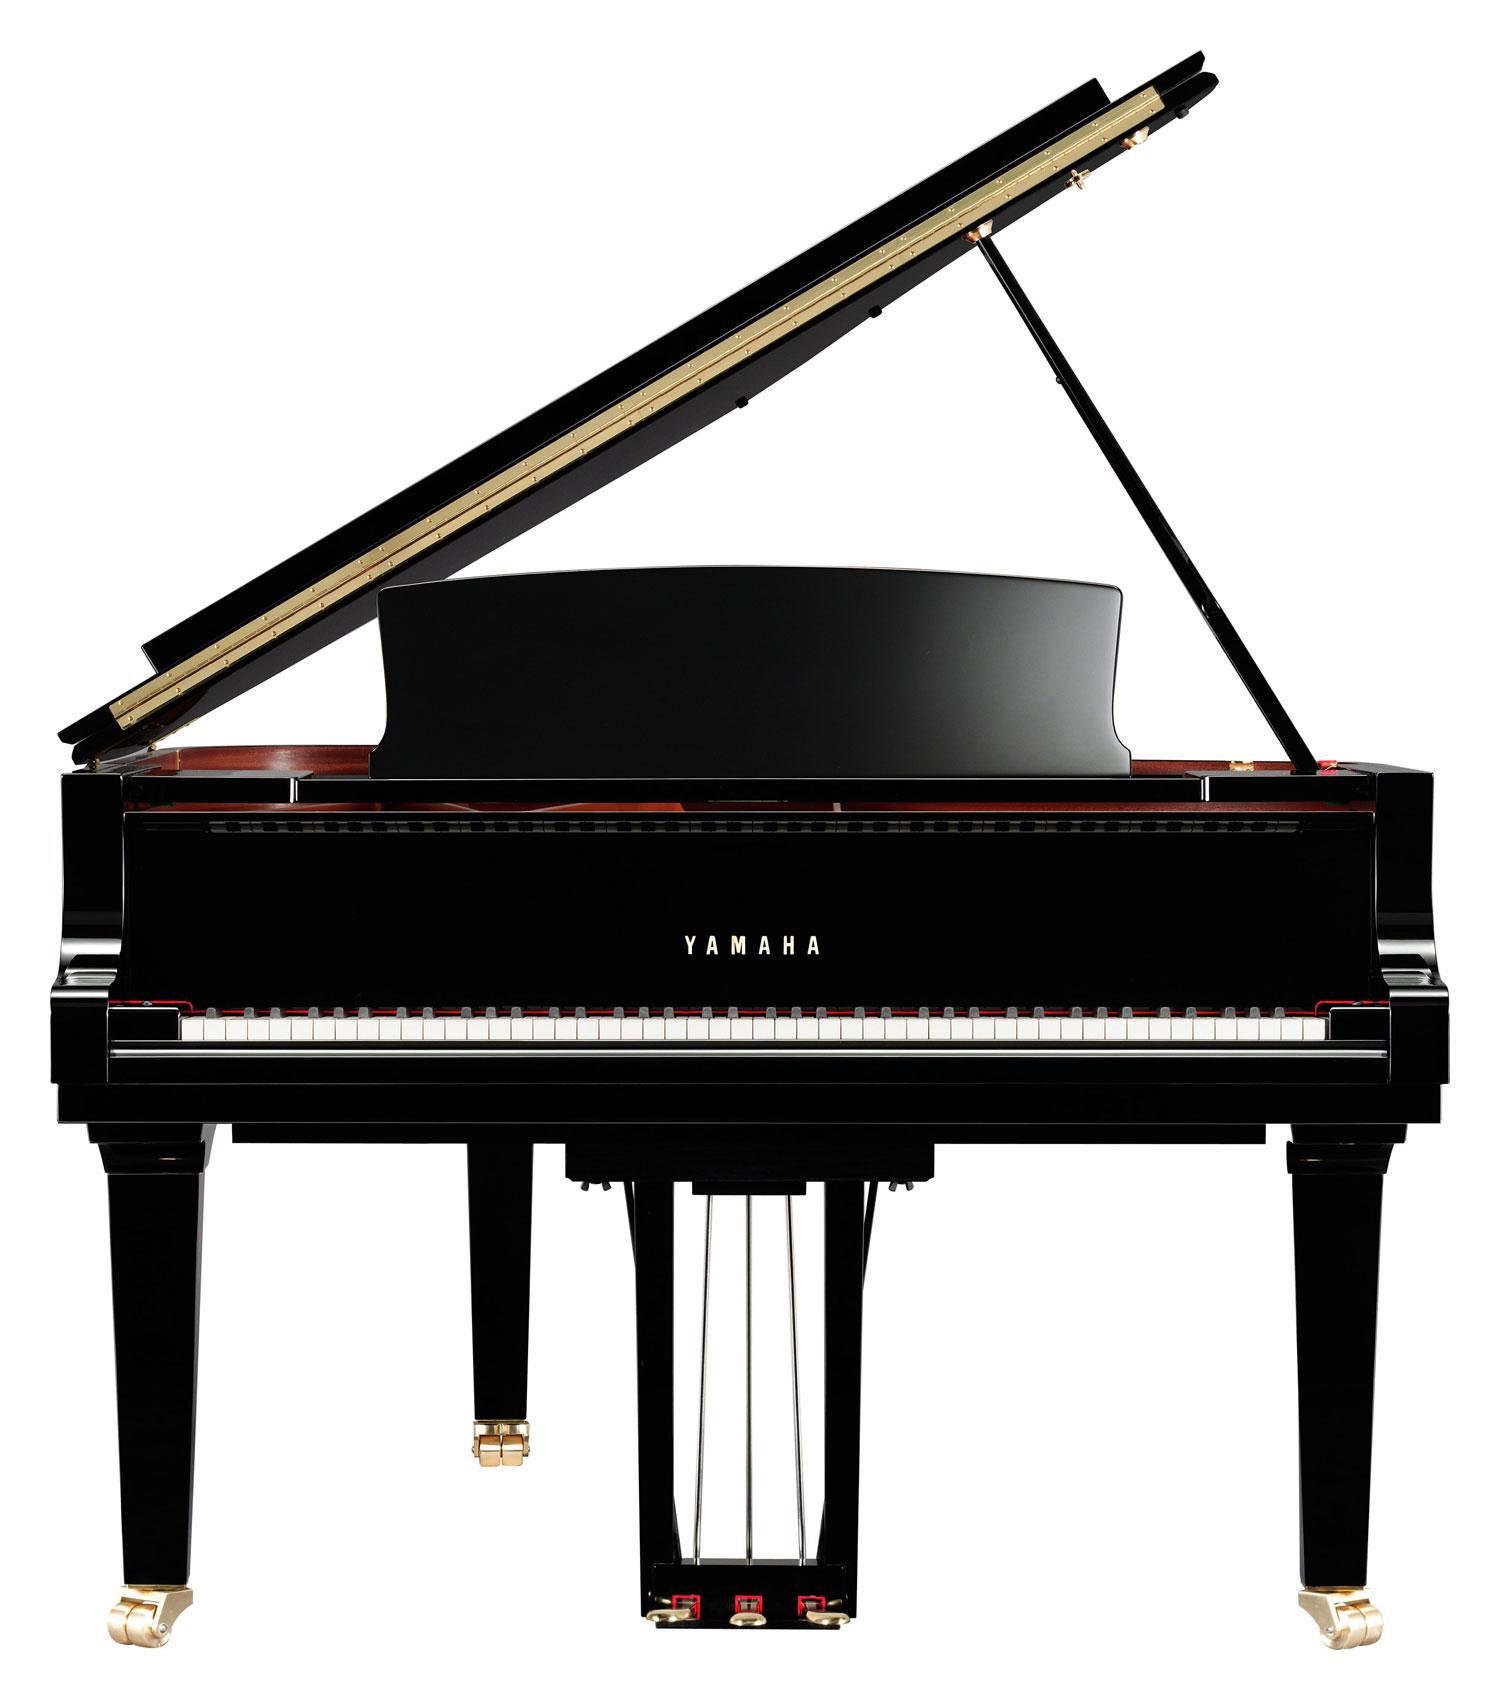 Yamaha C6X Grand Piano 7\' in Polished Ebony finish | Yamaha Music ...